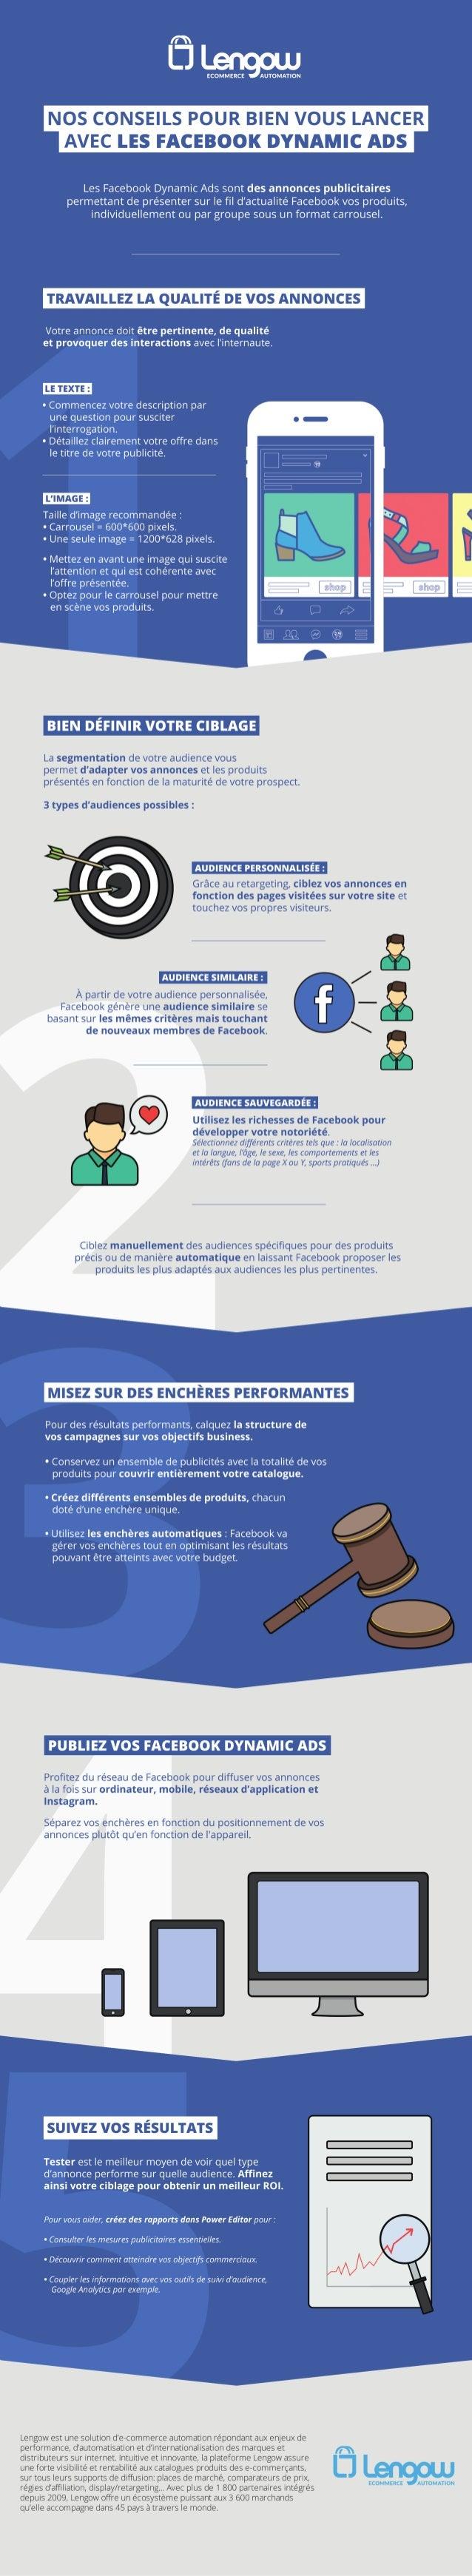 [Infographie] Nos conseils pour bien vous lancer avec les Facebook Dynamic Ads